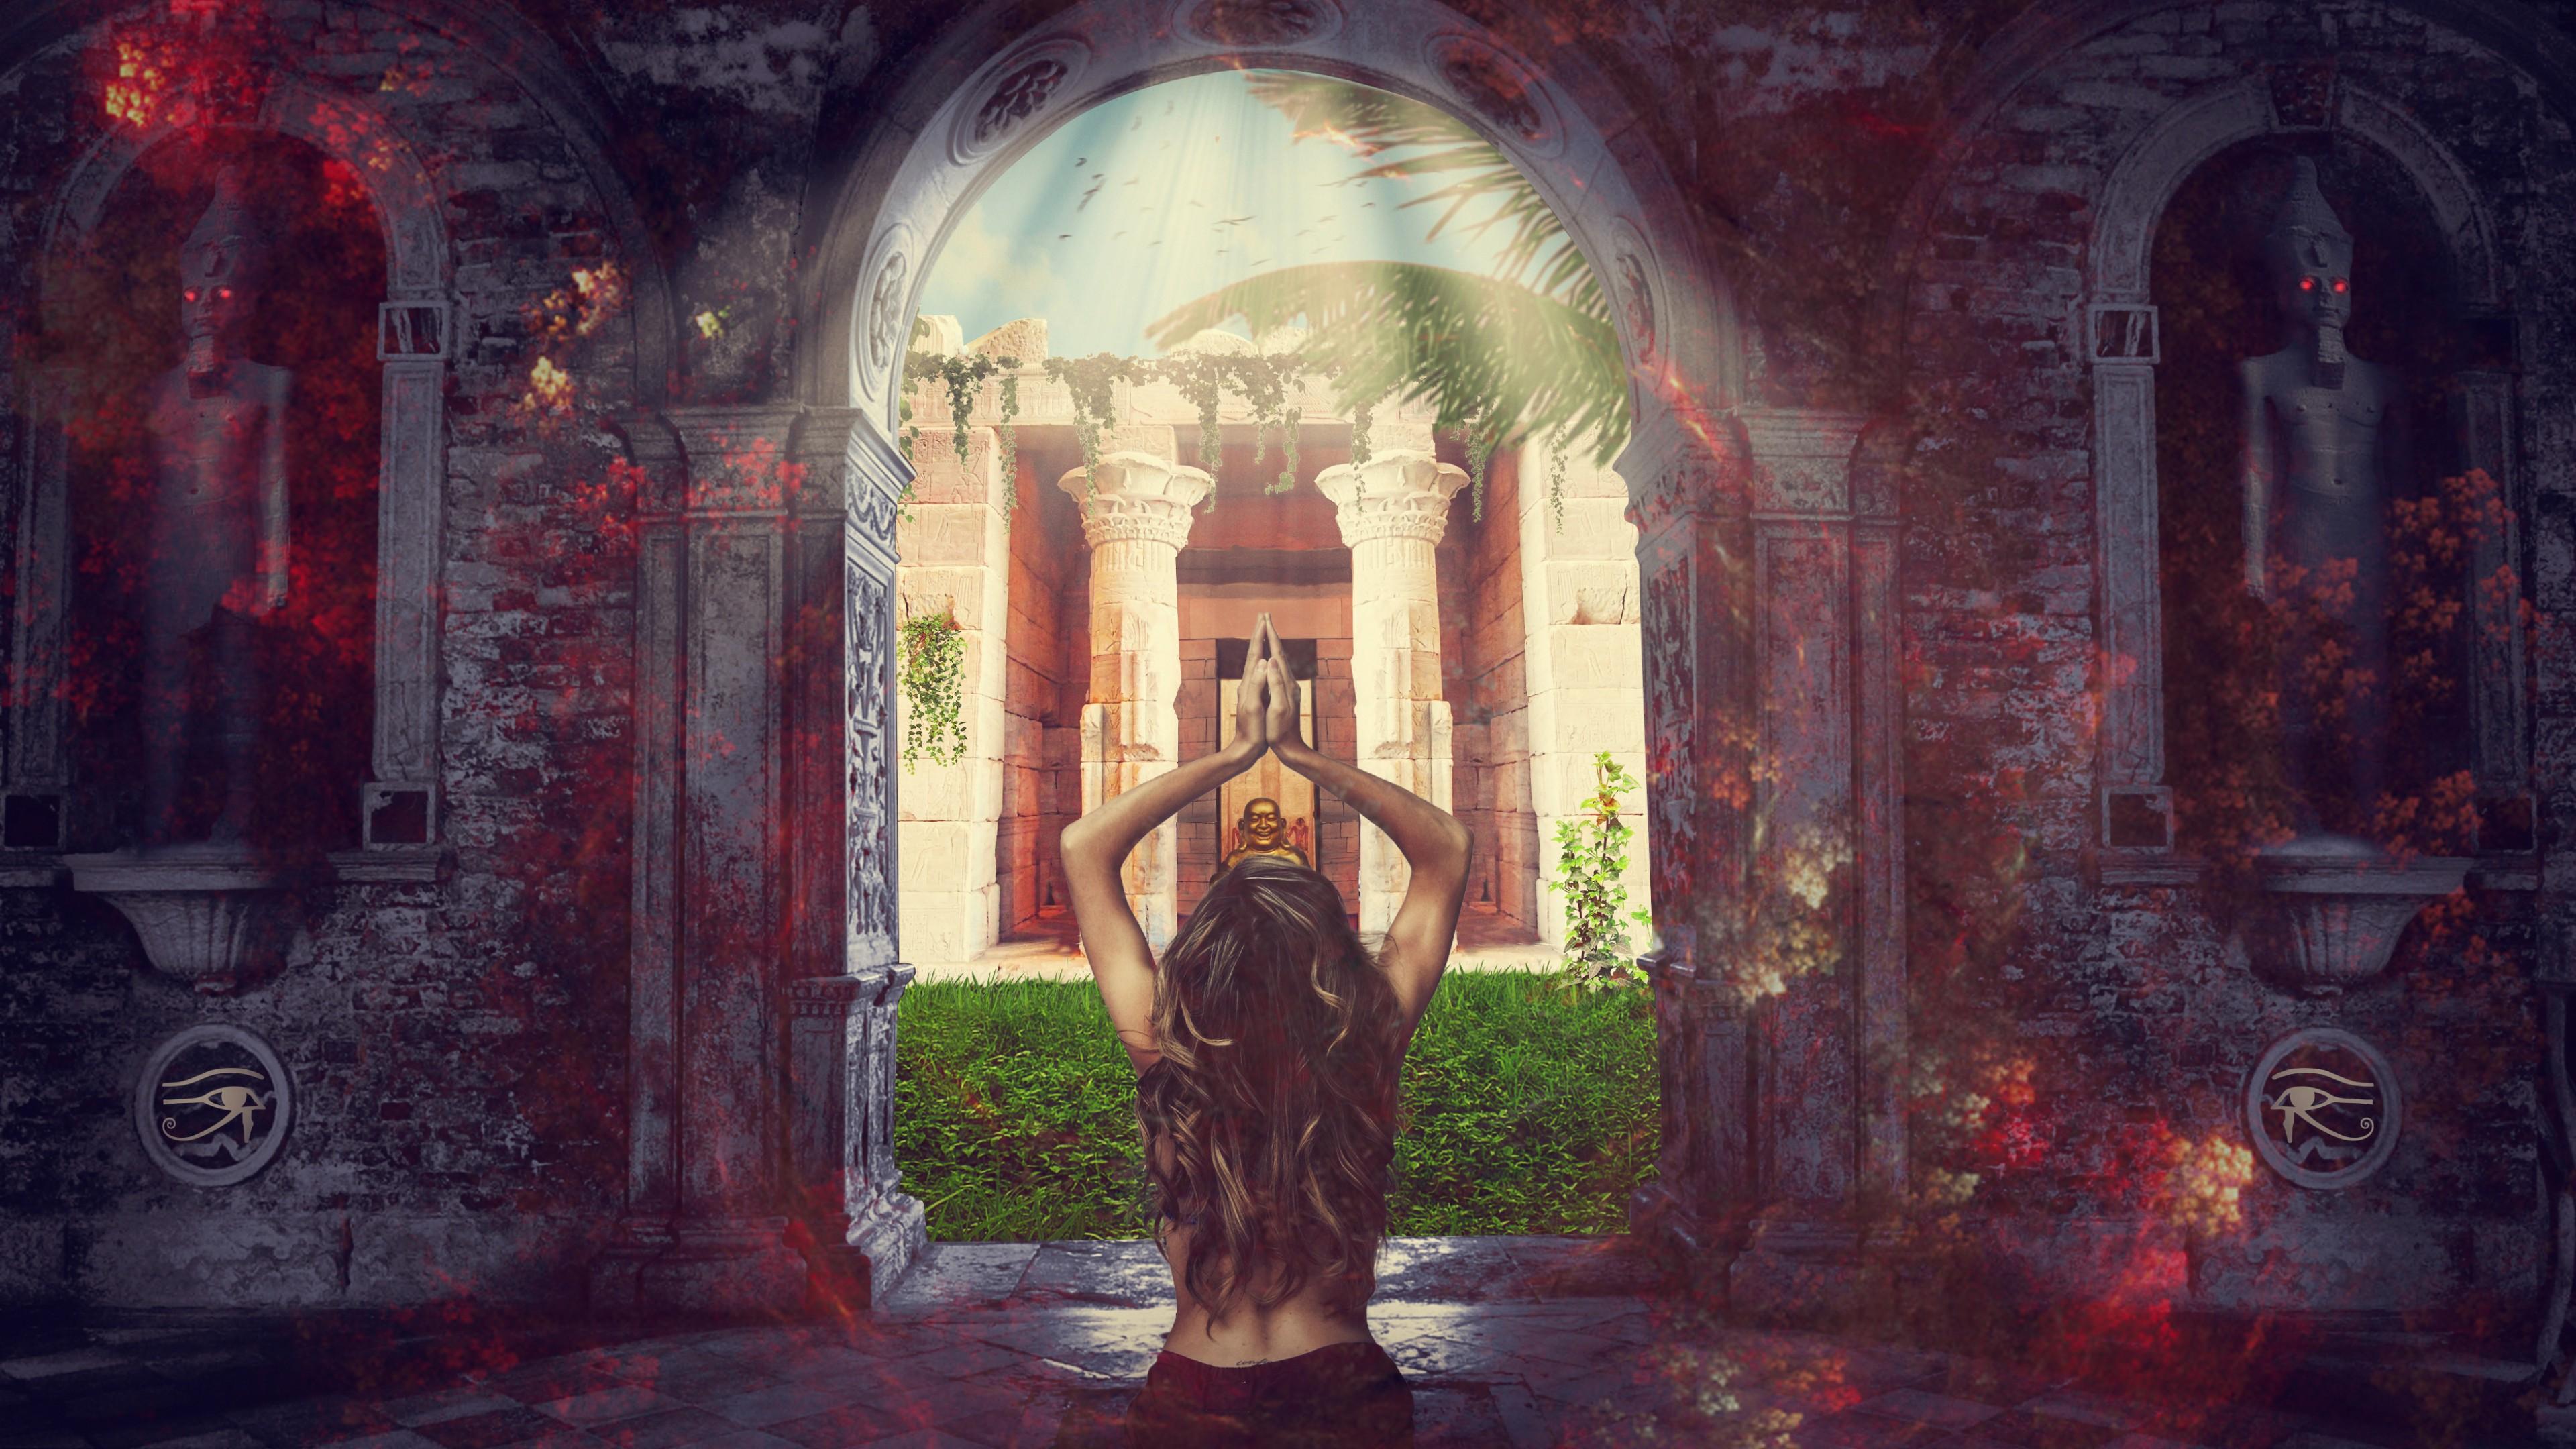 Девушка с вьющимися длинными волосами и  вверх поднятыми руками у входа в храм